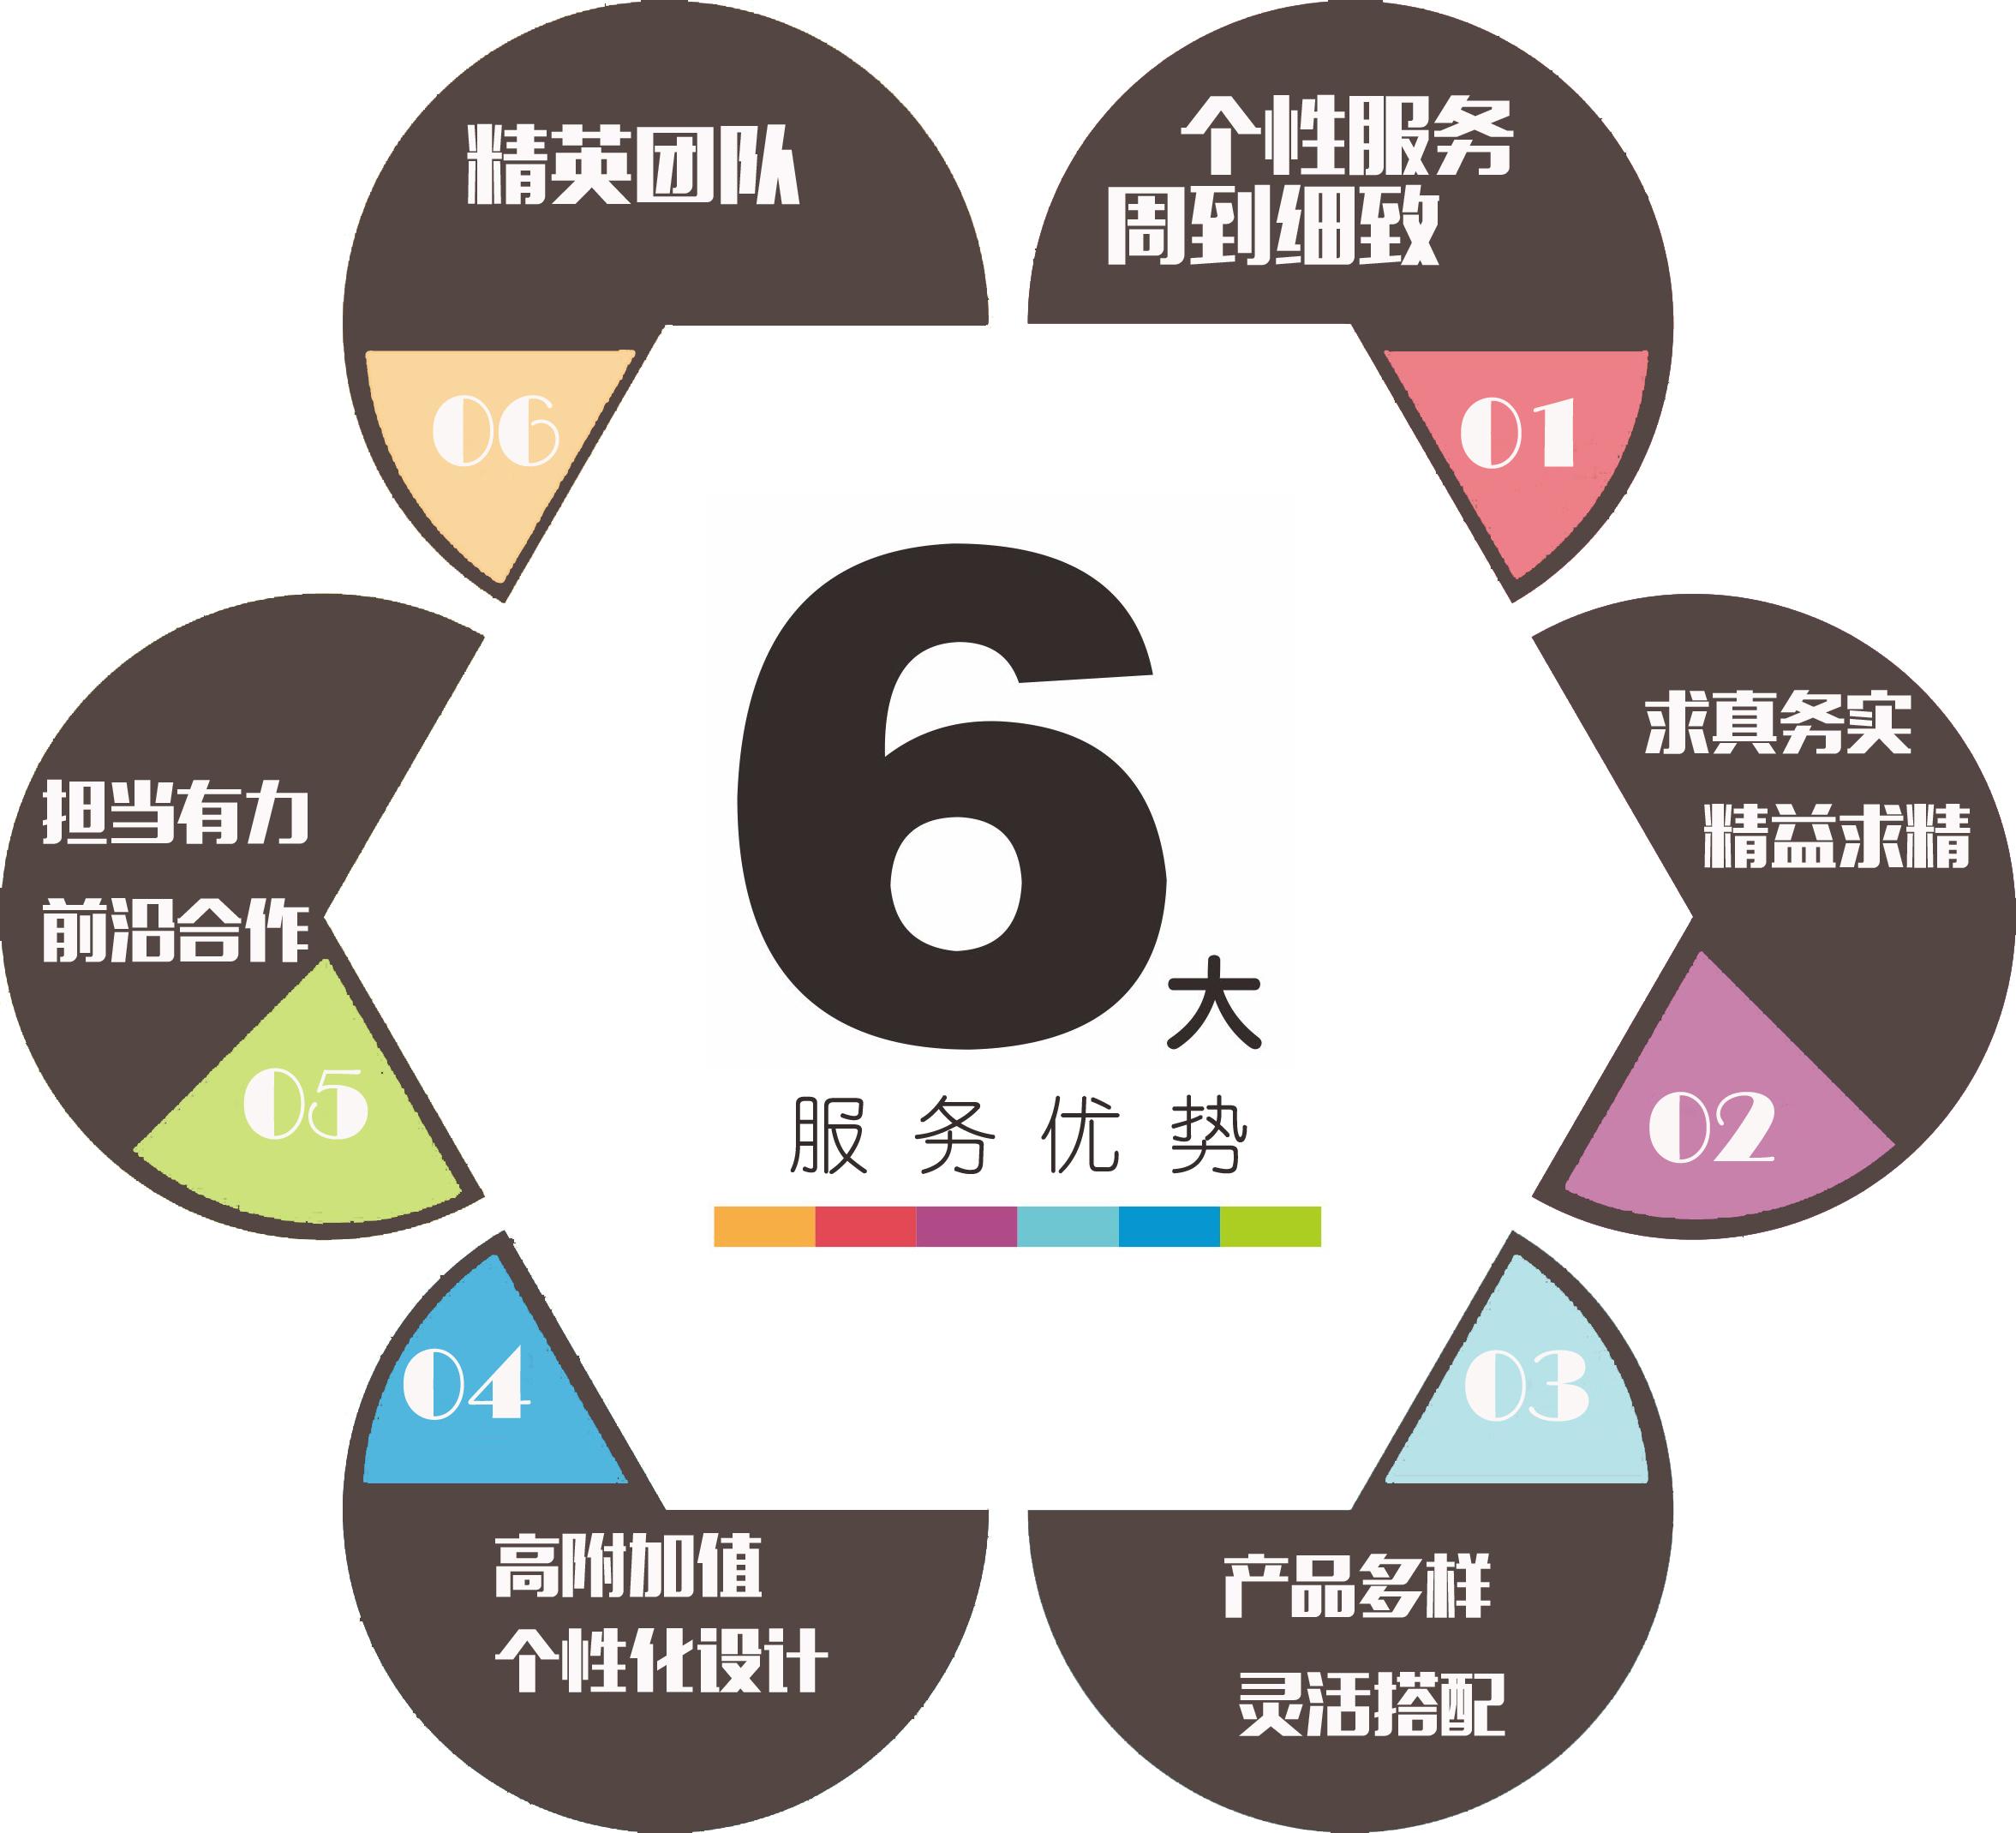 6大服务优势